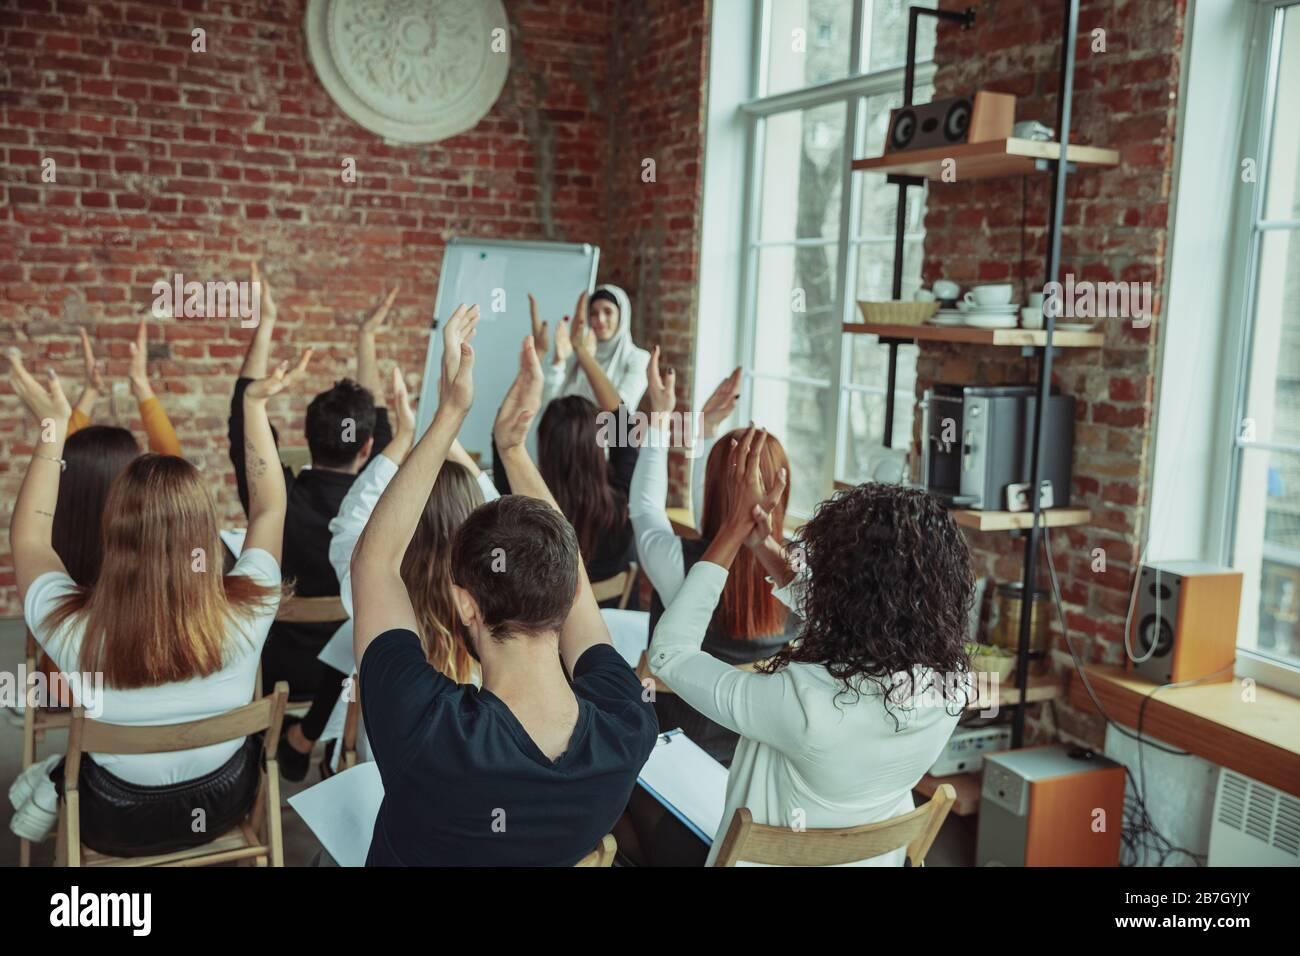 Una oradora musulmana que da una presentación en el salón del taller. Audiencia o sala de conferencias. Los participantes aplauden a la audiencia. Evento de conferencia, formación. Educación, diversidad, concepto inclusivo. Foto de stock